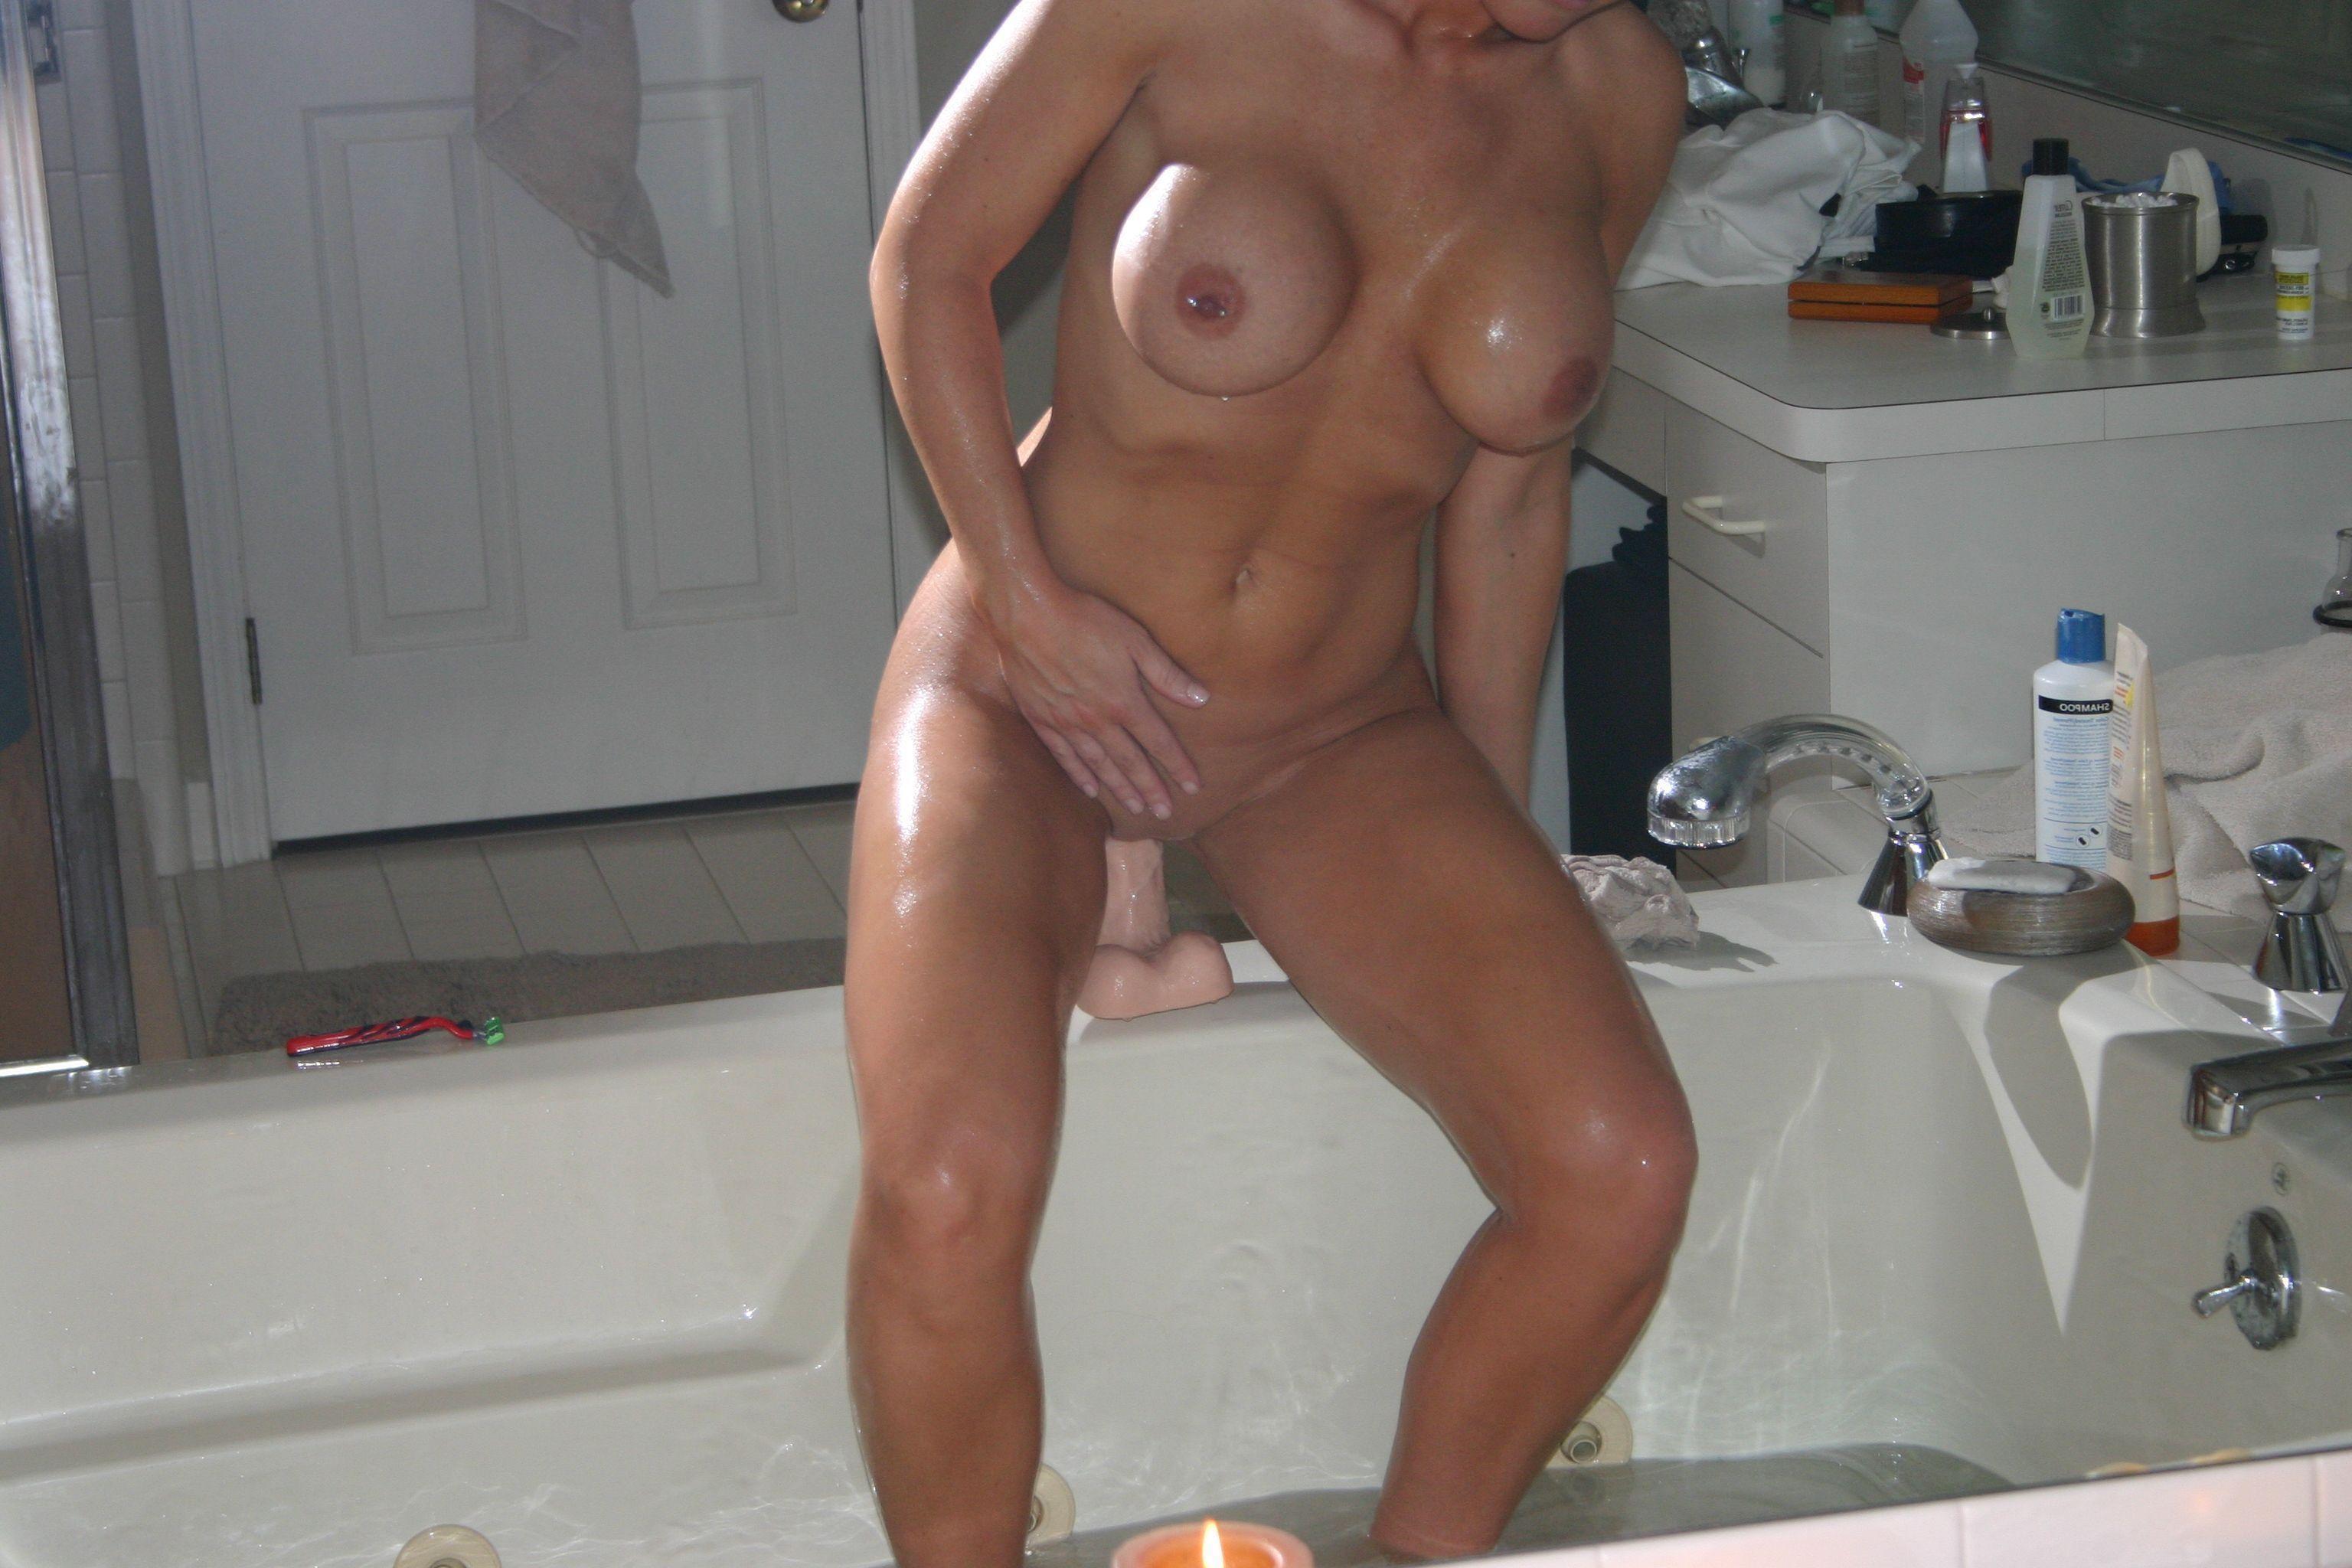 Fotos en la ducha de mujeres amateur desnudas xxx